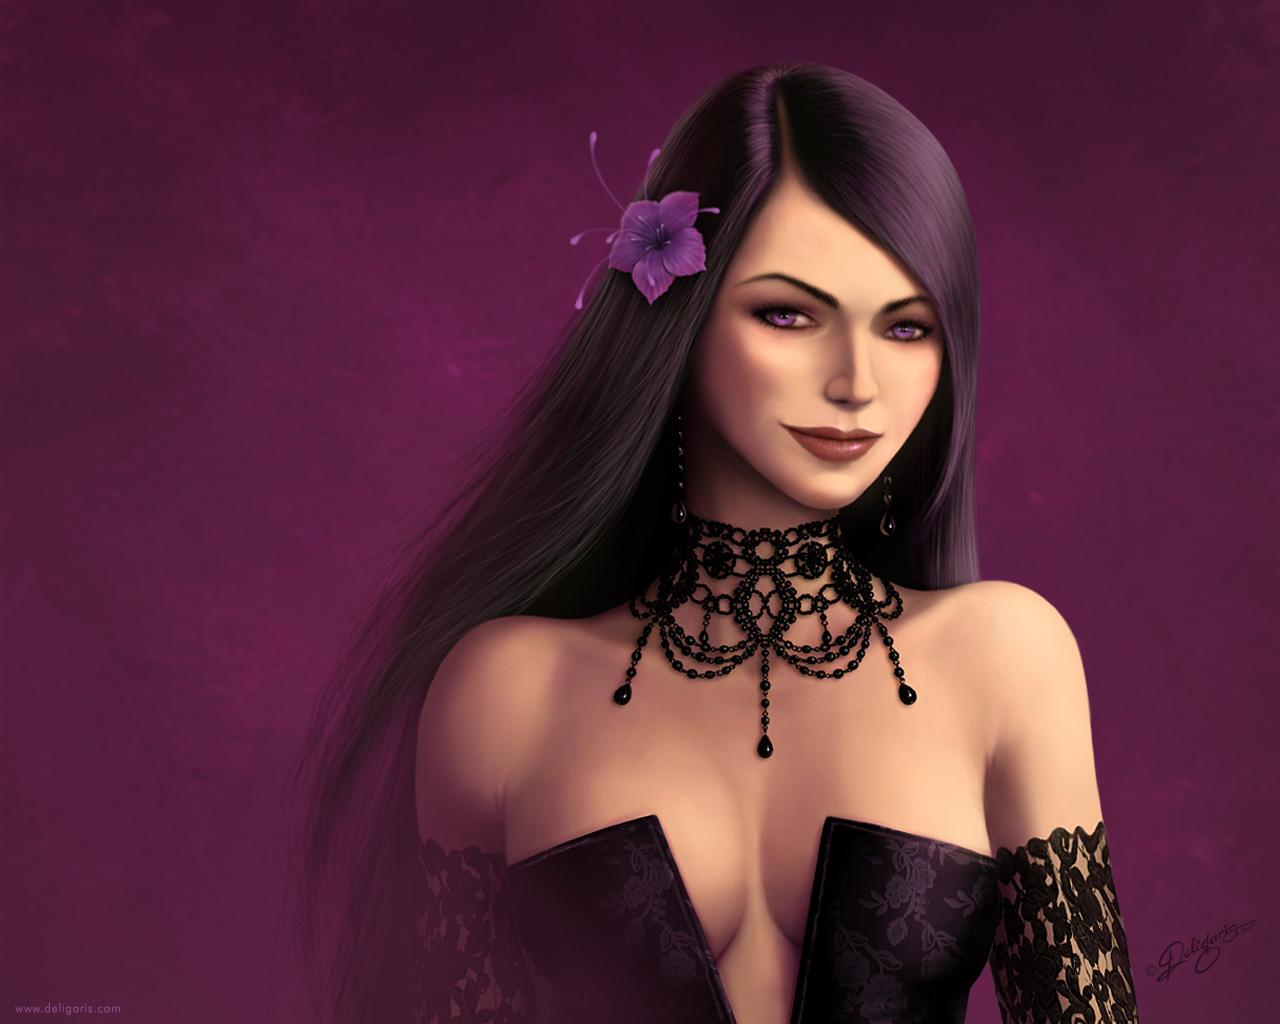 Violet-Black wallpaper